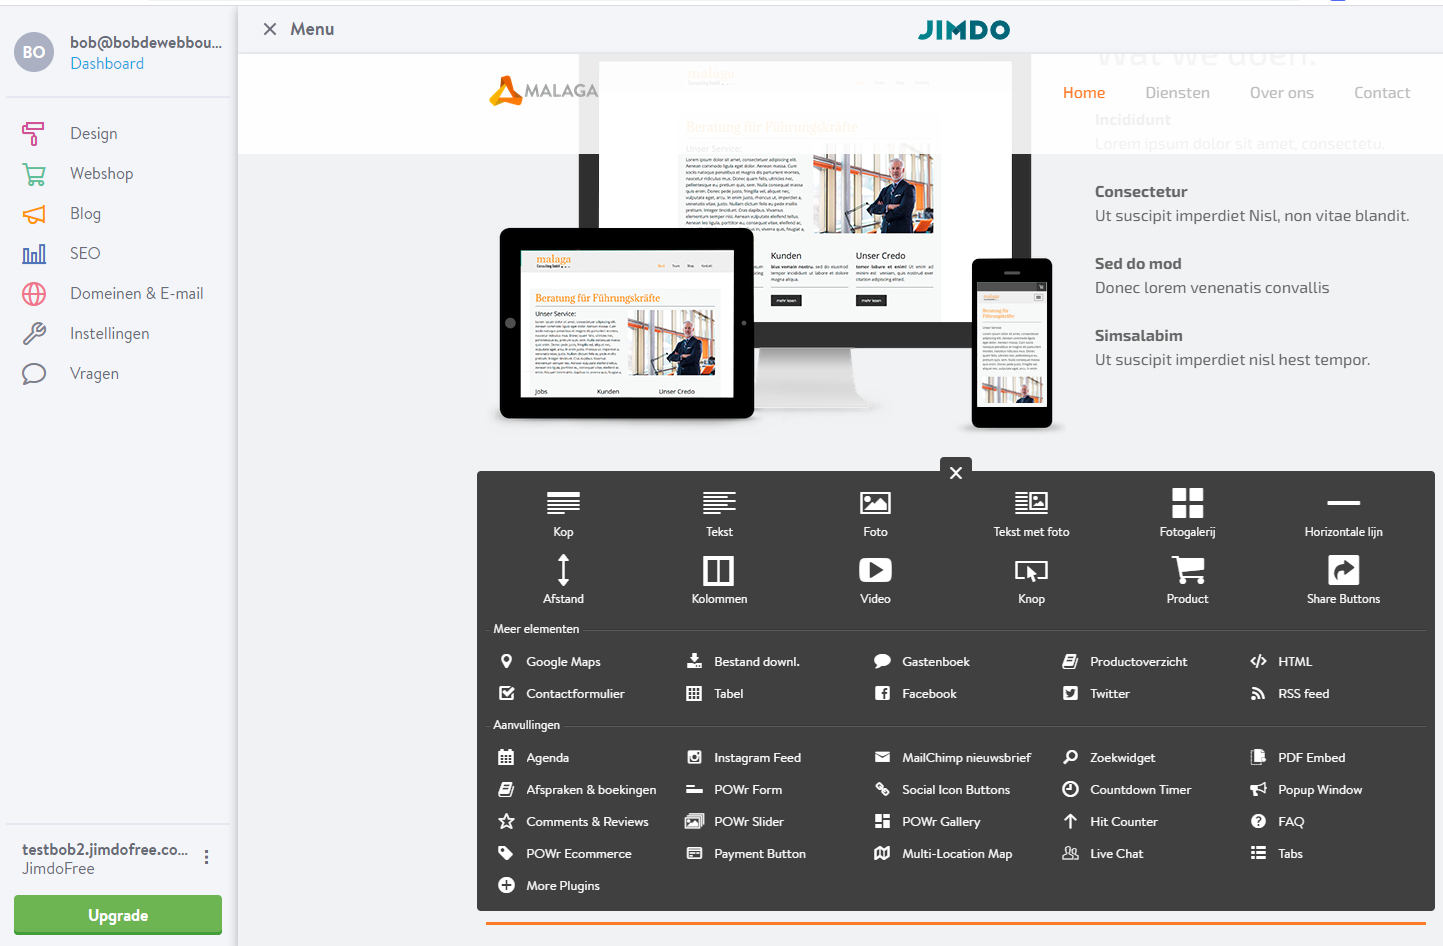 Jimdo creator - de uitgebreide versie van Jimdo